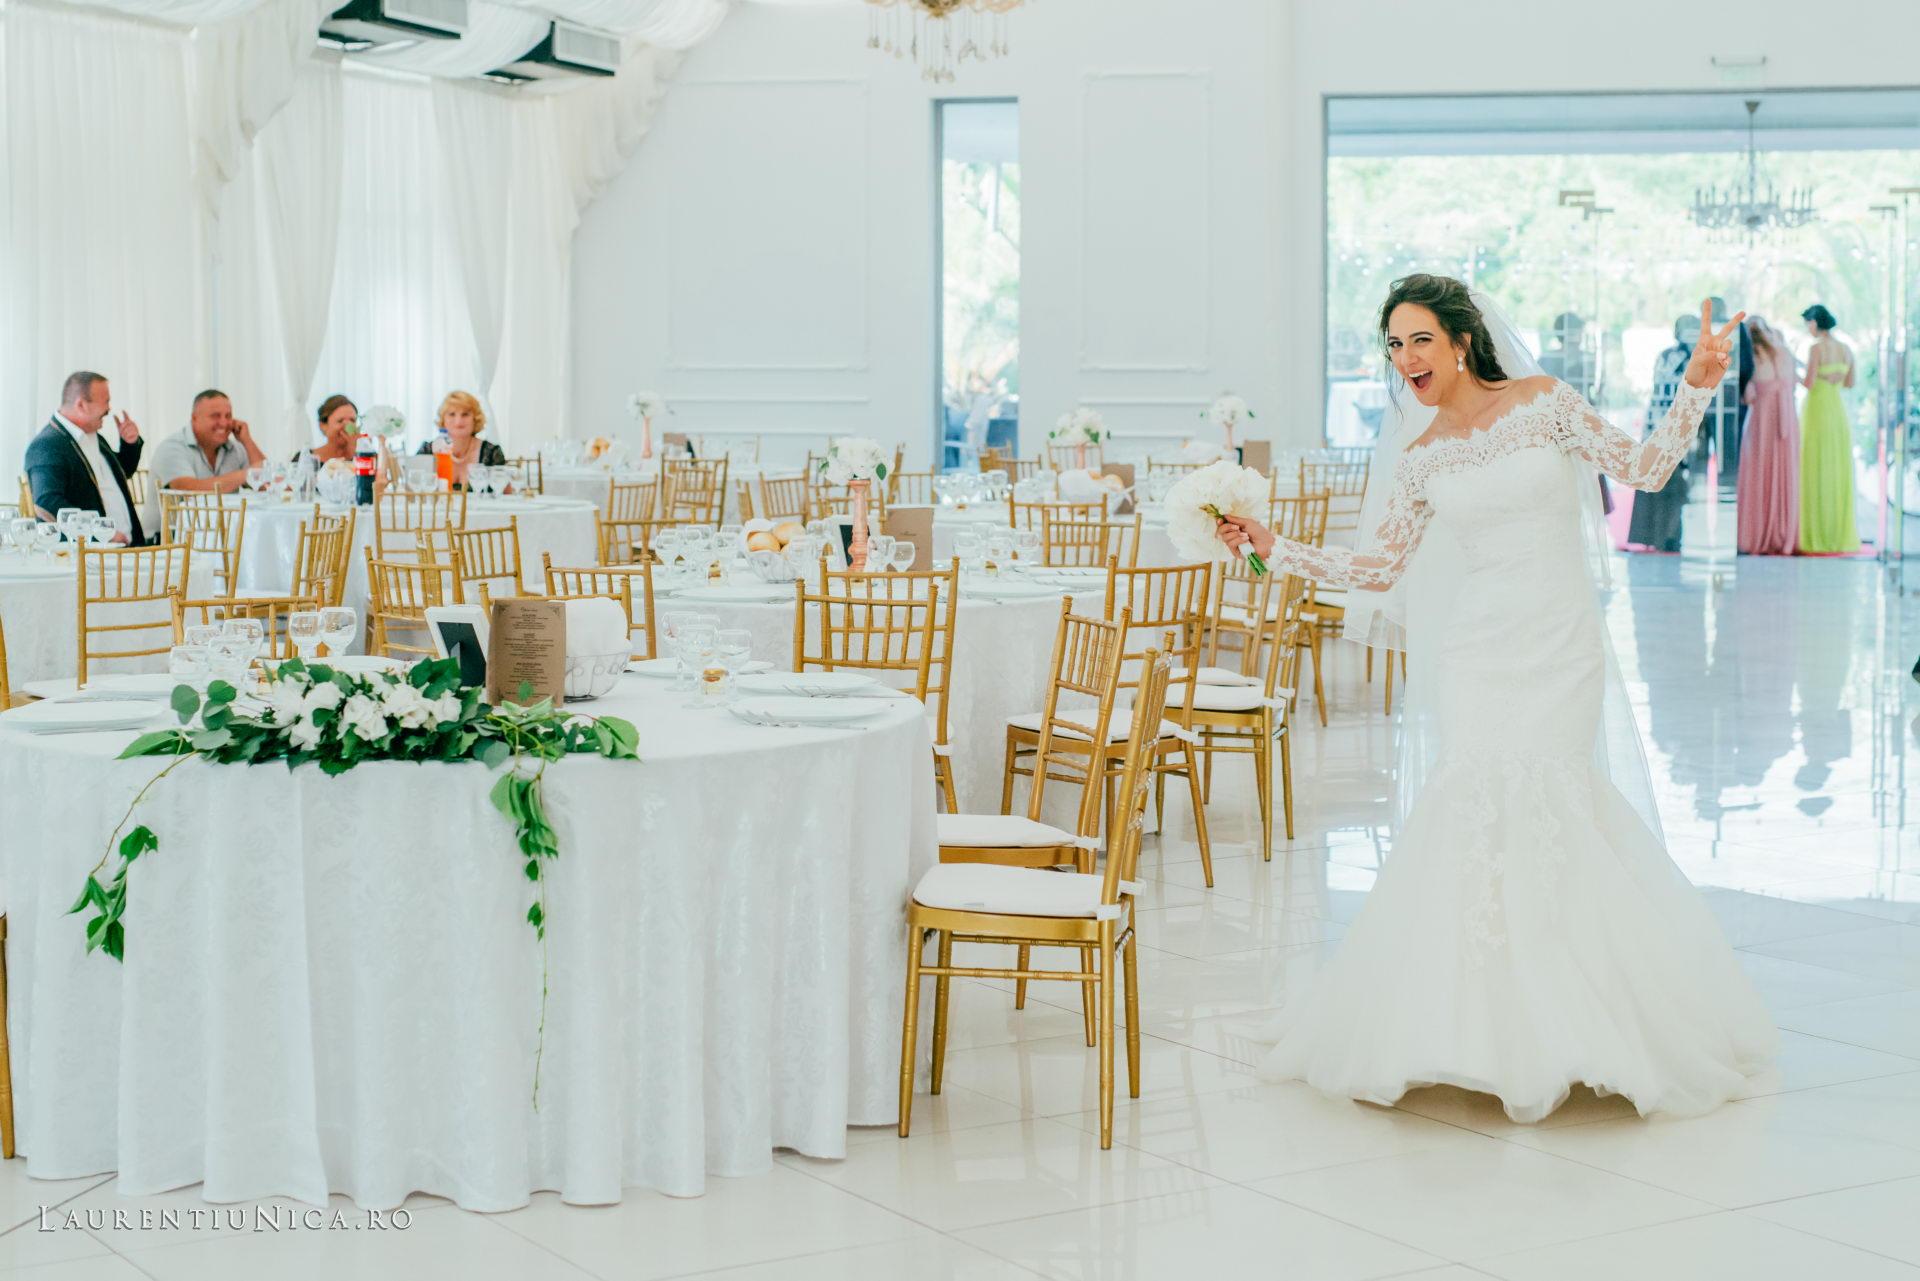 Cristina si Ovidiu nunta Craiova fotograf laurentiu nica 110 - Cristina & Ovidiu | Fotografii nunta | Craiova